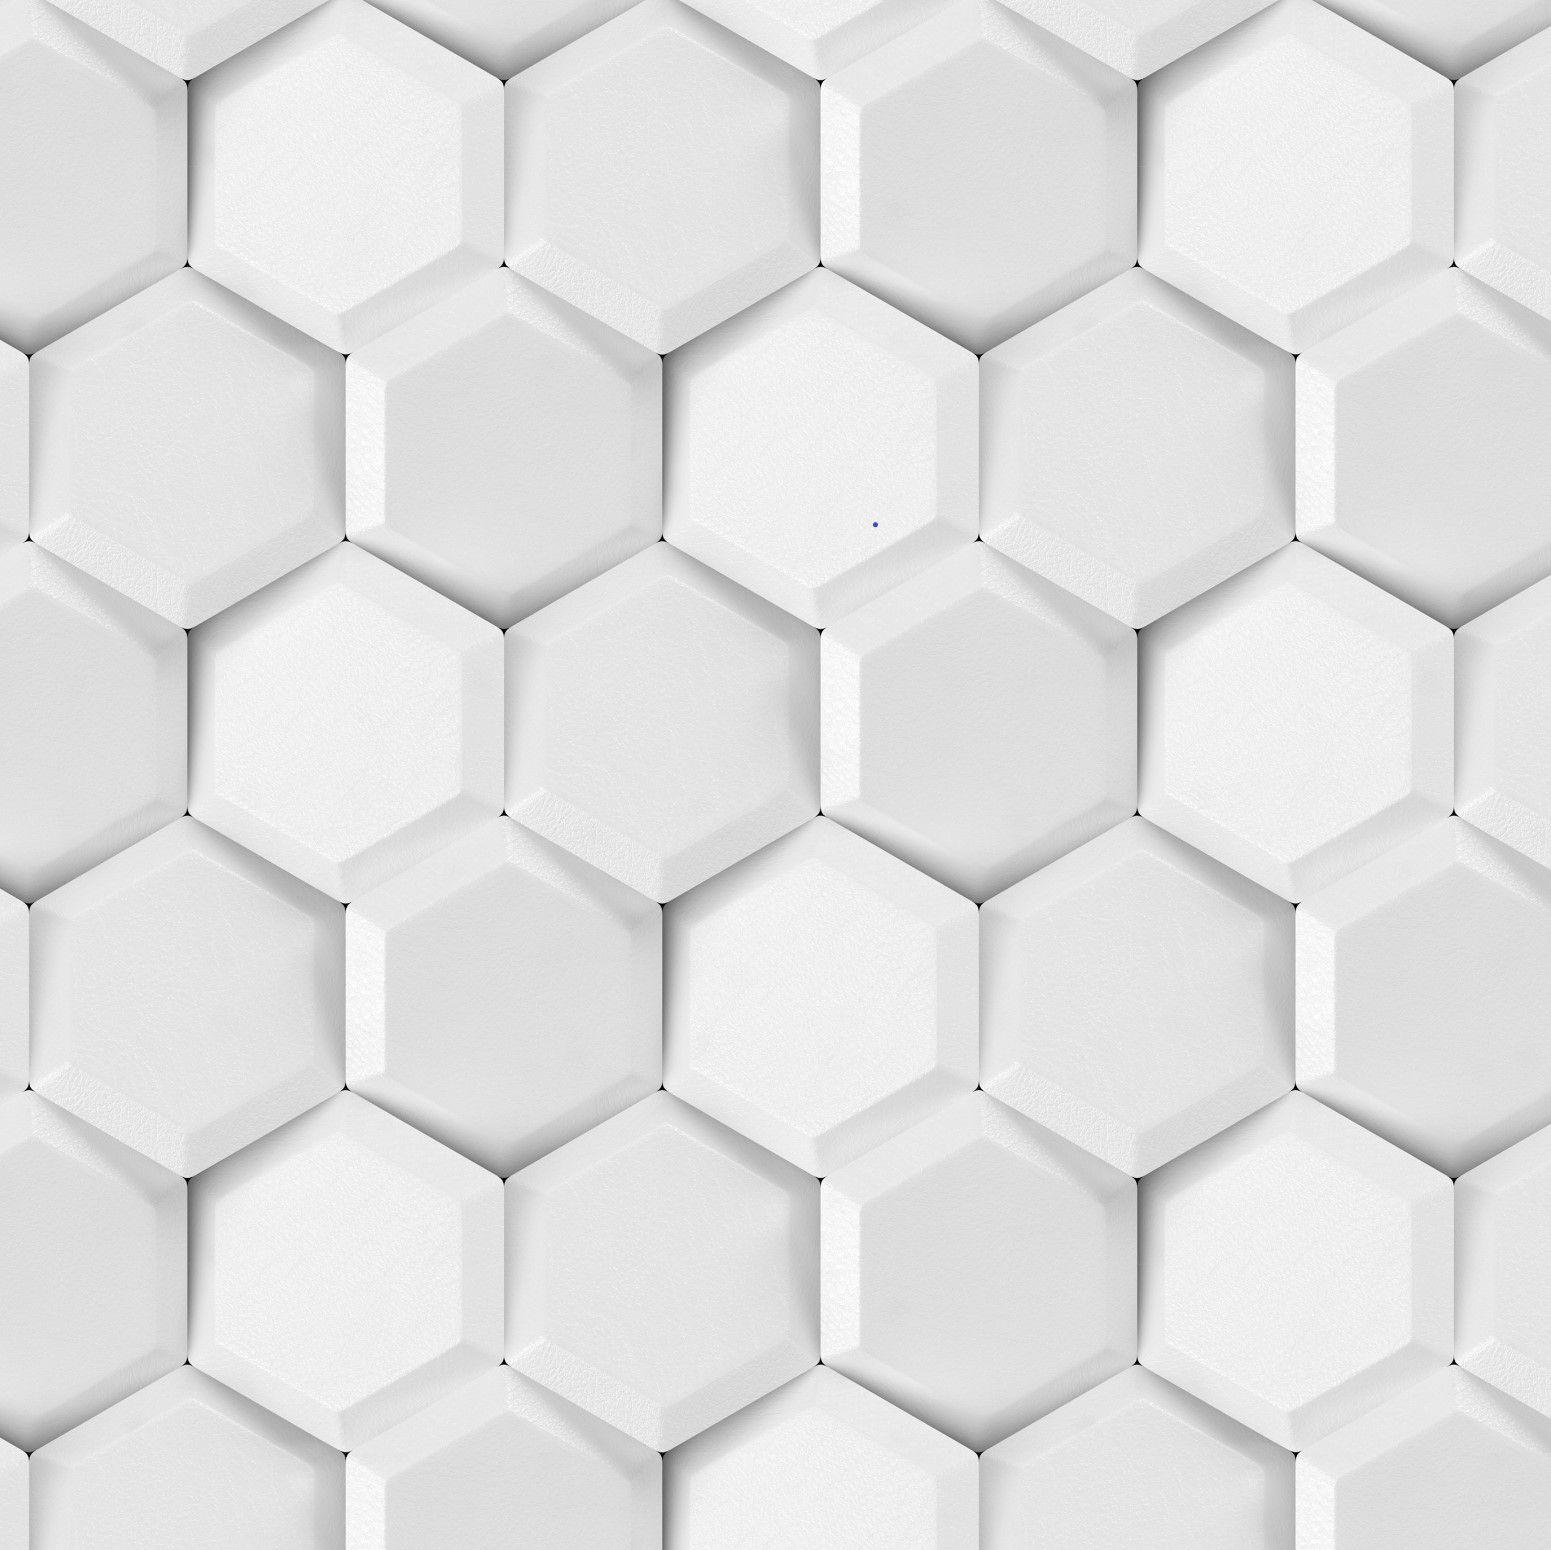 Papel de Parede Efeito 3D Lavével CO-709